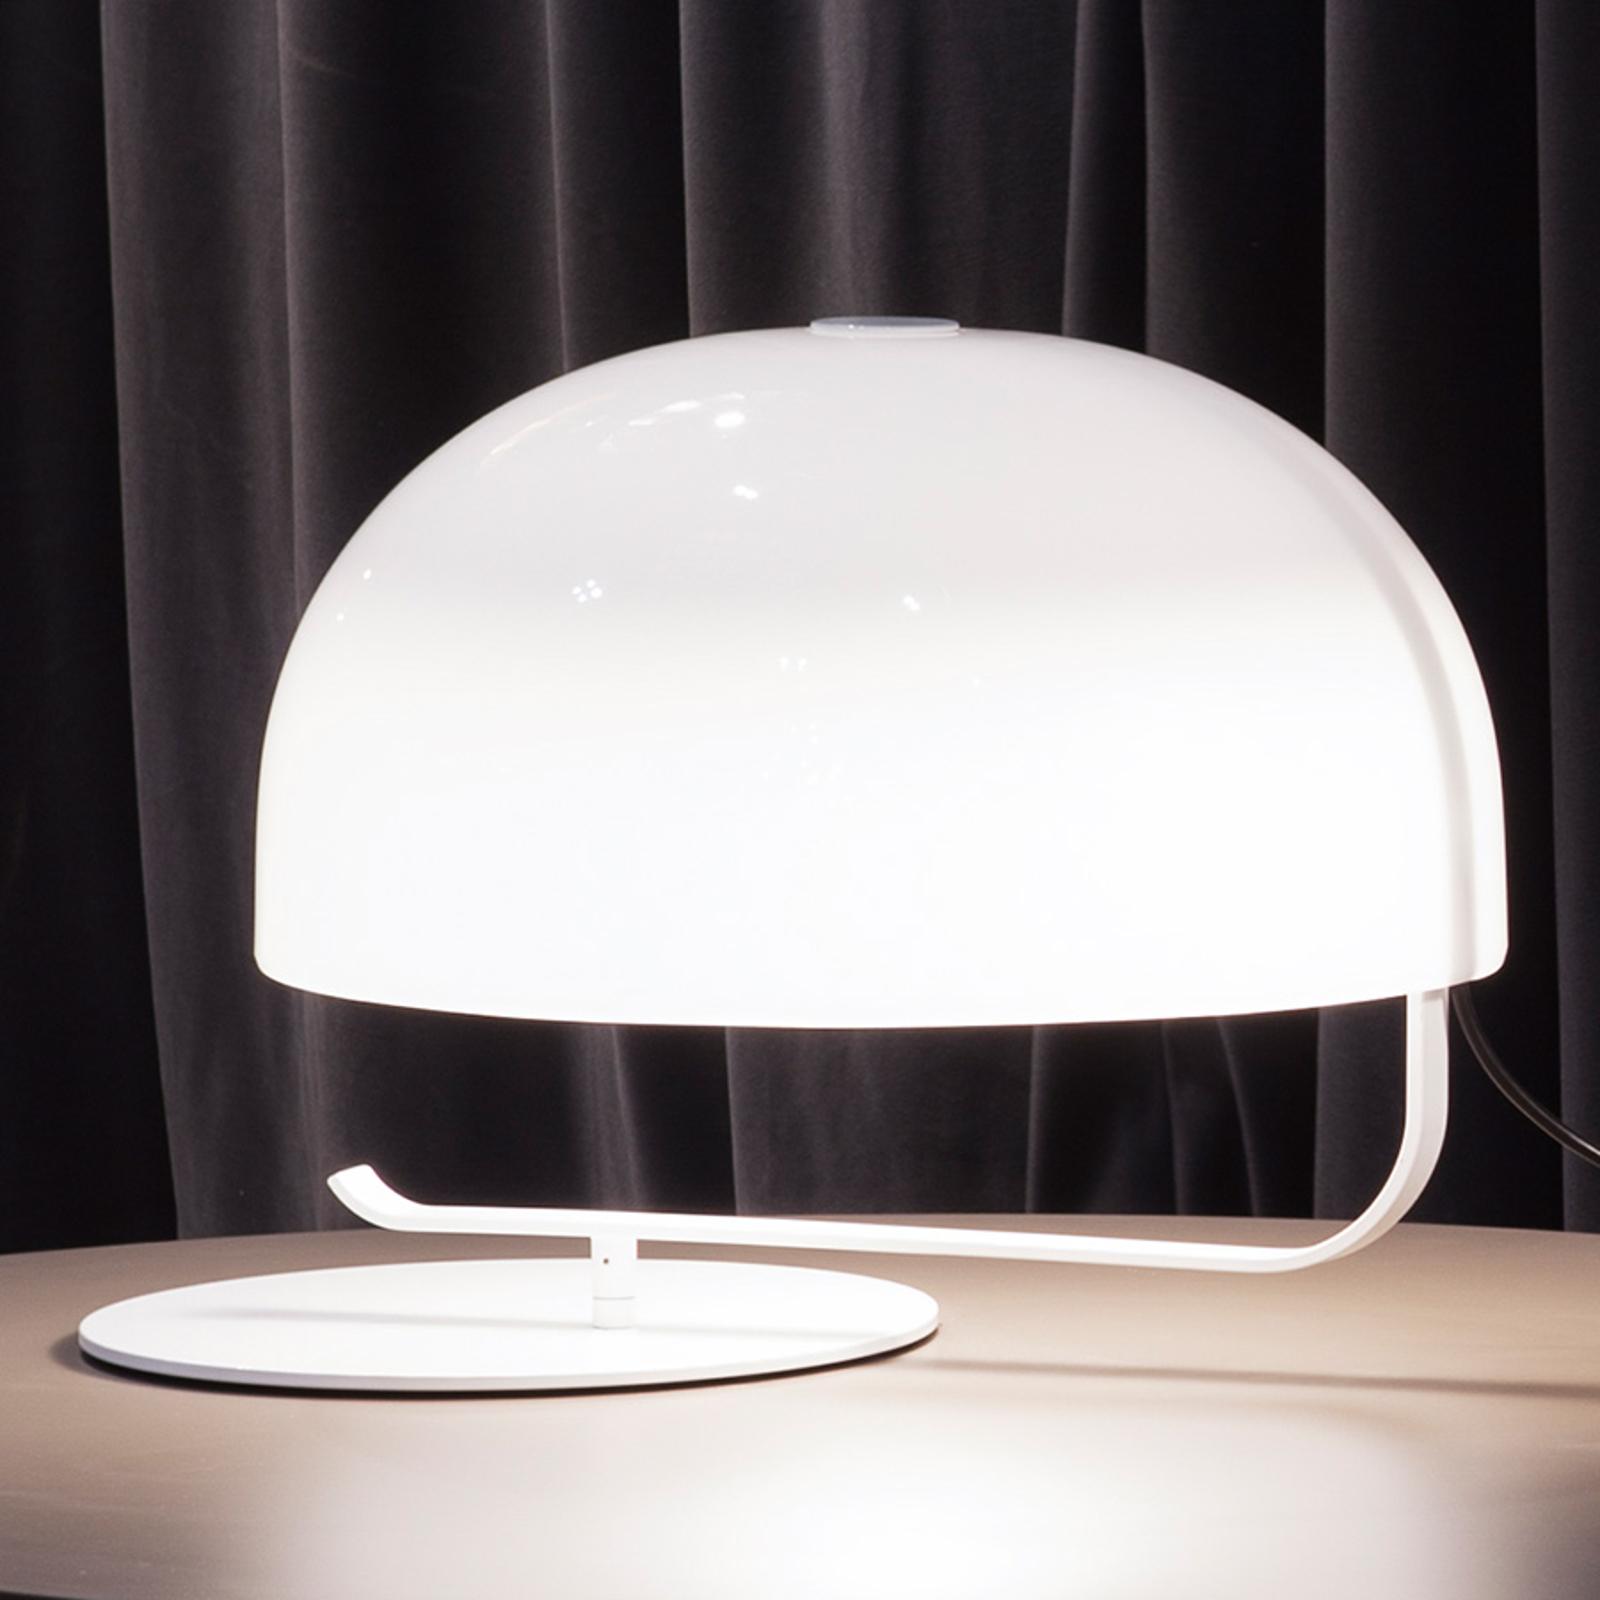 Lampada di design retrò Zanuso in bianco